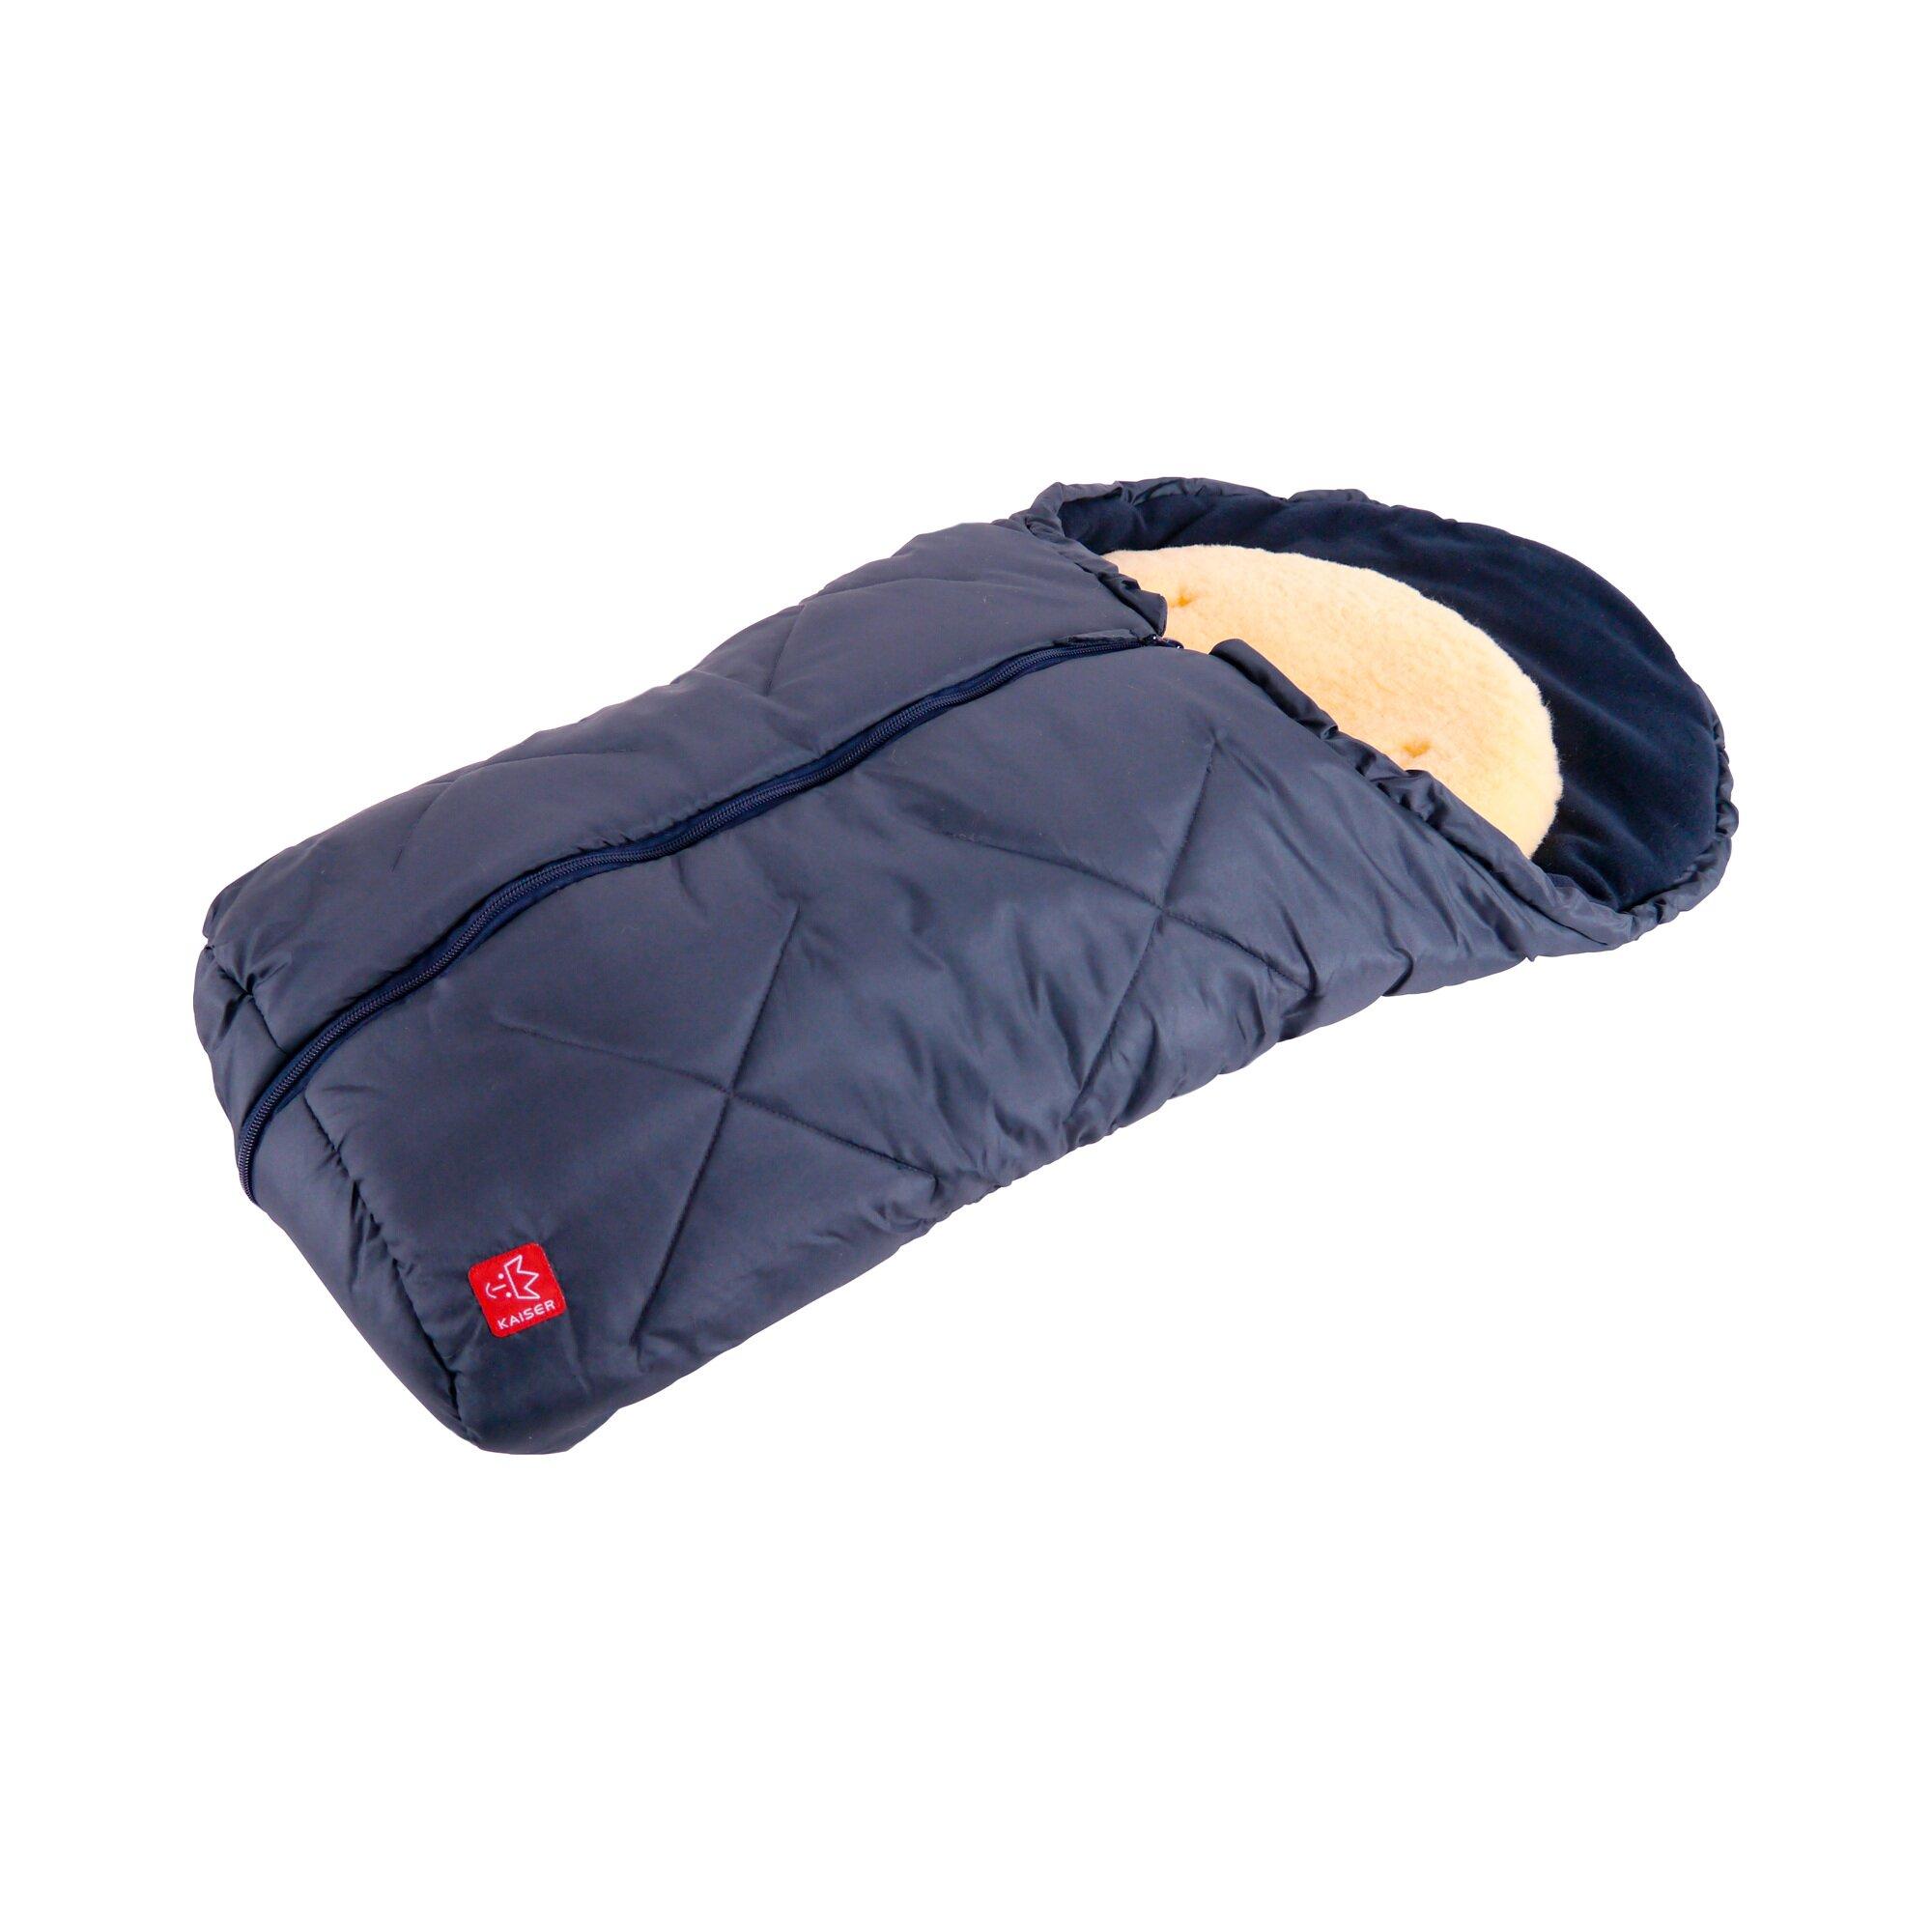 kaiser-universal-winter-fu-sack-mit-lammfelleinlage-little-sheepy-fur-babyschale-autositz-tragewanne-blau